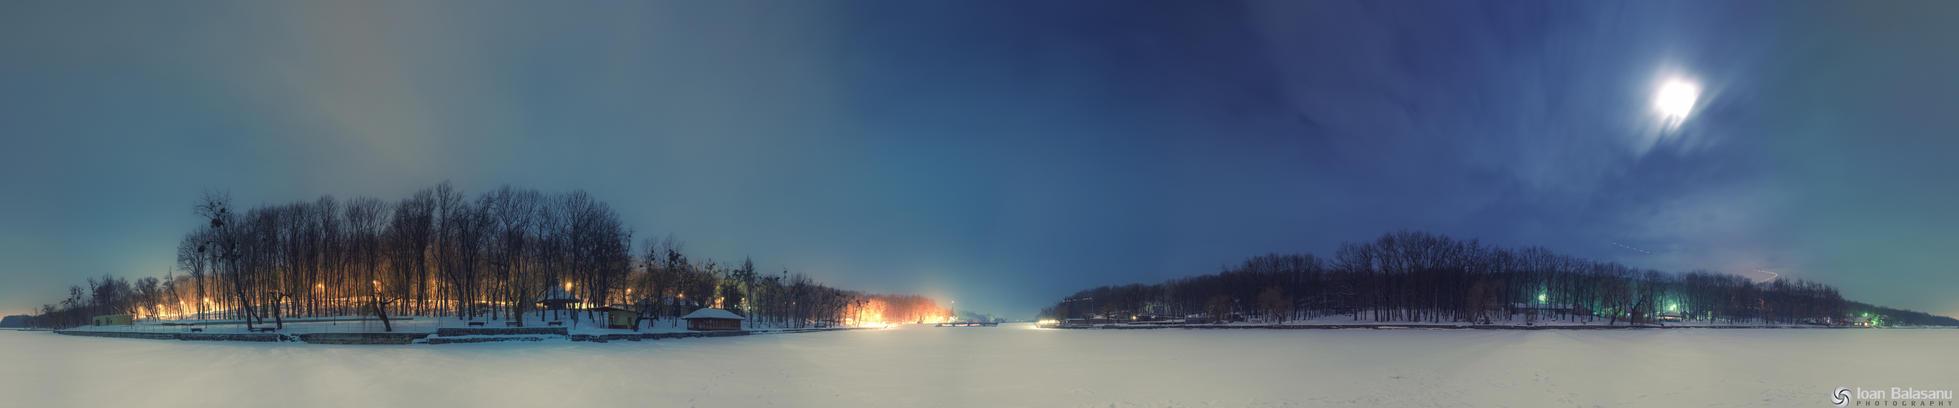 Ciric lake - 360 Pano by IoanBalasanu